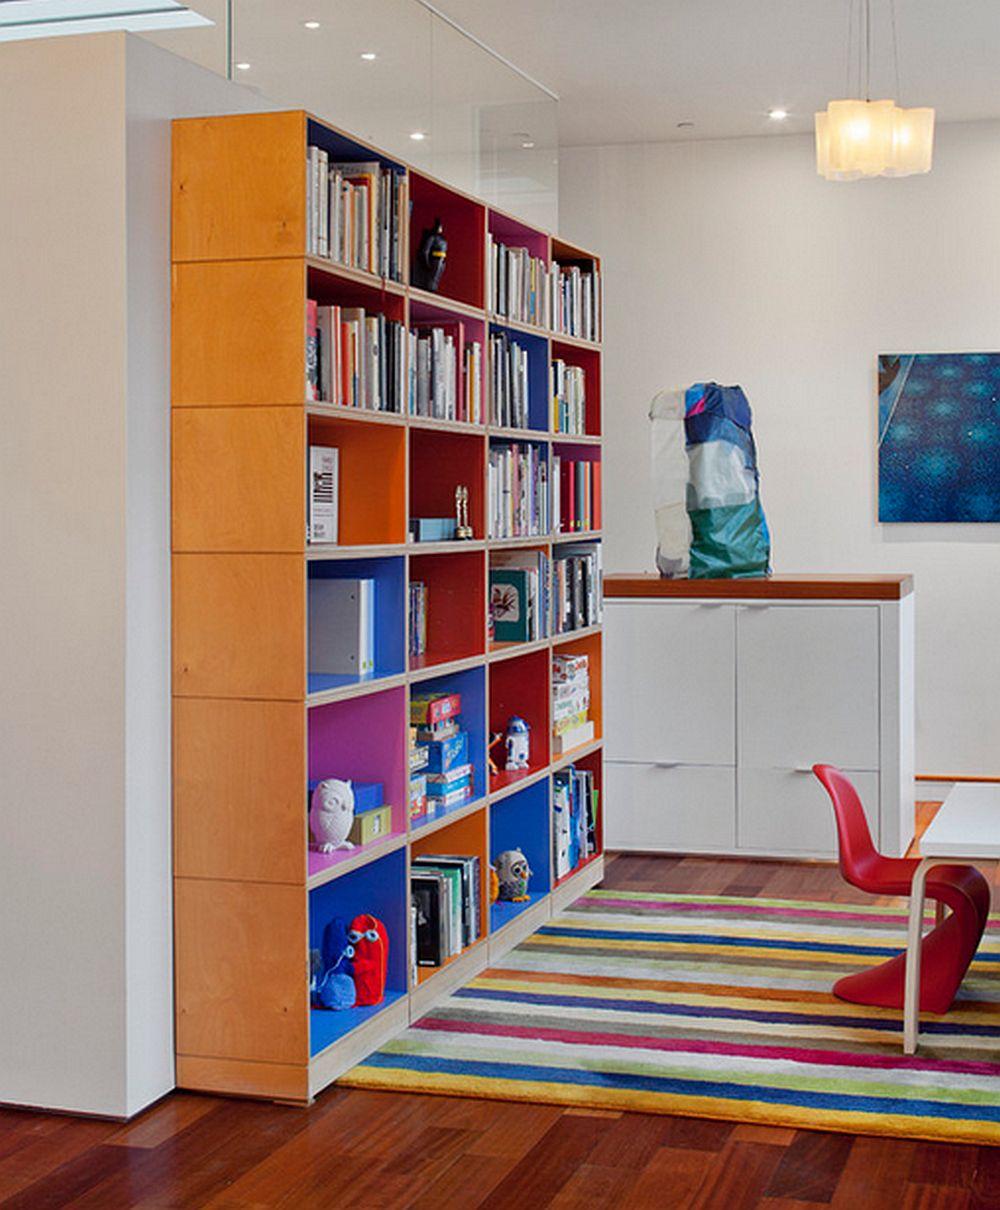 In camera copiilor chiar te poti juca, de fapt sa-i lasi pe ei sa aleaga culorile. Si vezi ca daca vopsesti si lateralele de la interior, efectul decorativ este mai pregnant, foto Mabbott Seidel Architecture